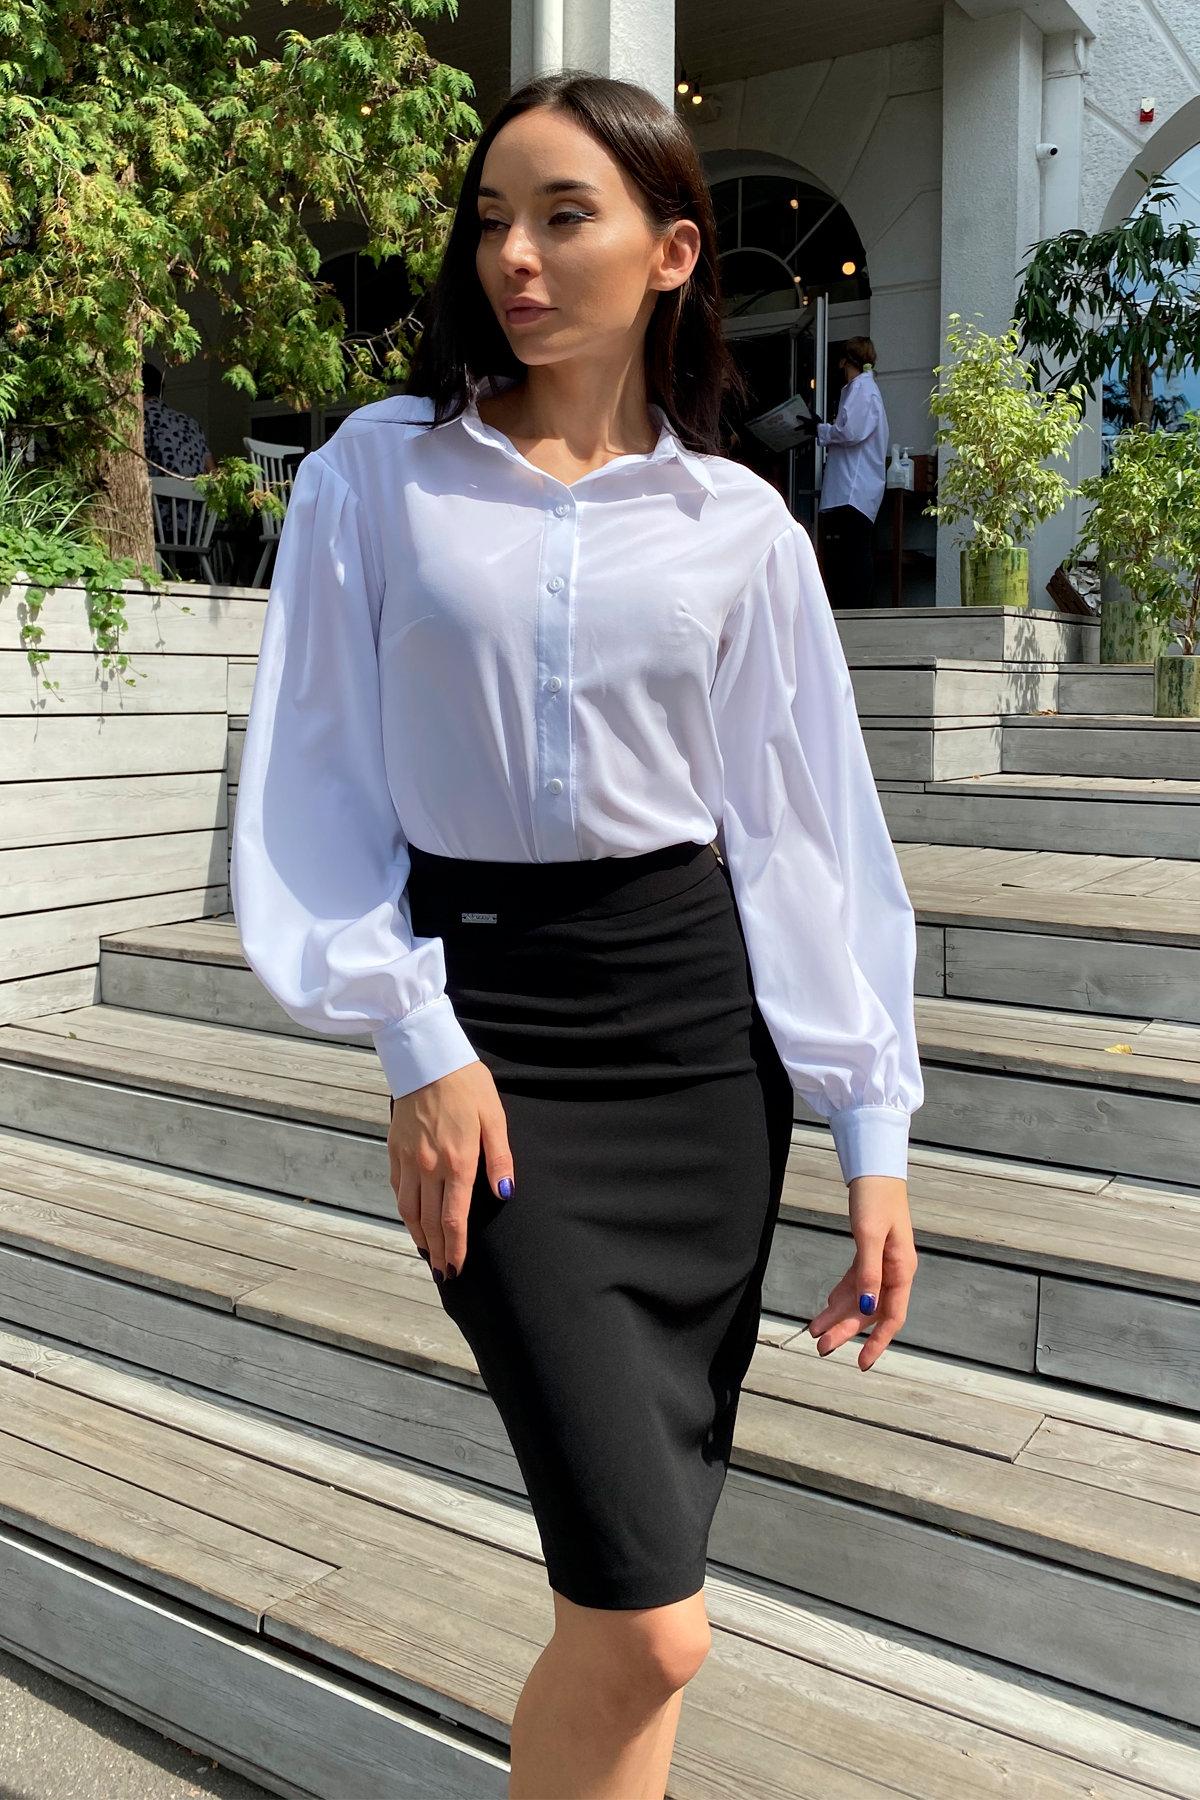 Блузка Гейм 9604 АРТ. 45924 Цвет: Белый - фото 9, интернет магазин tm-modus.ru